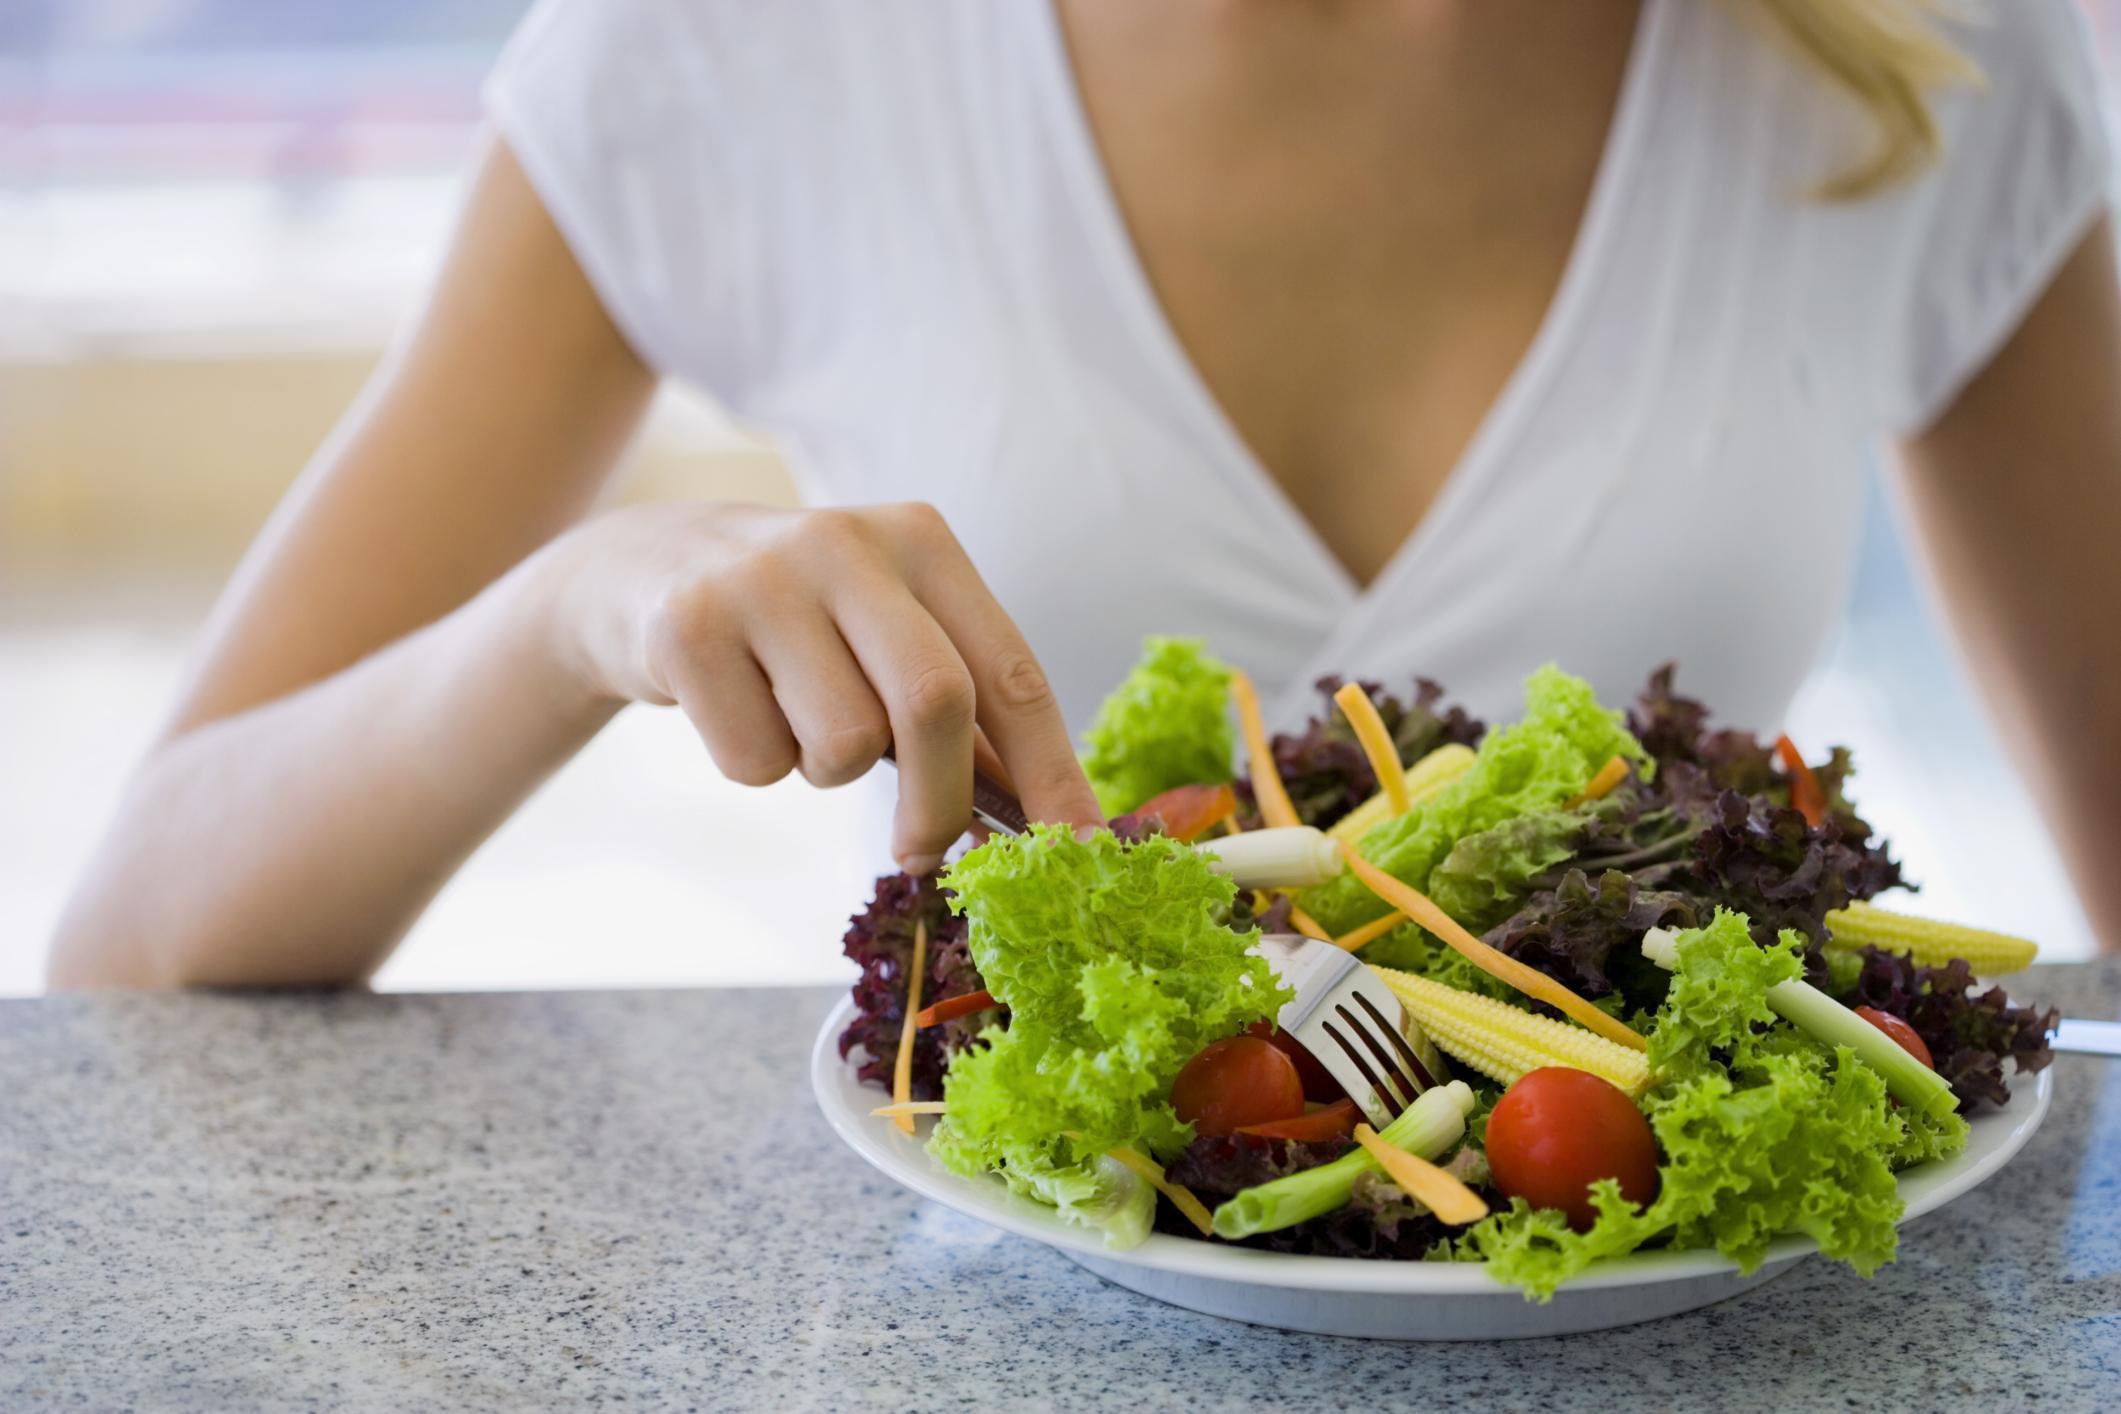 Ácido Fólico: Propriedades, Alimentos e Sucos